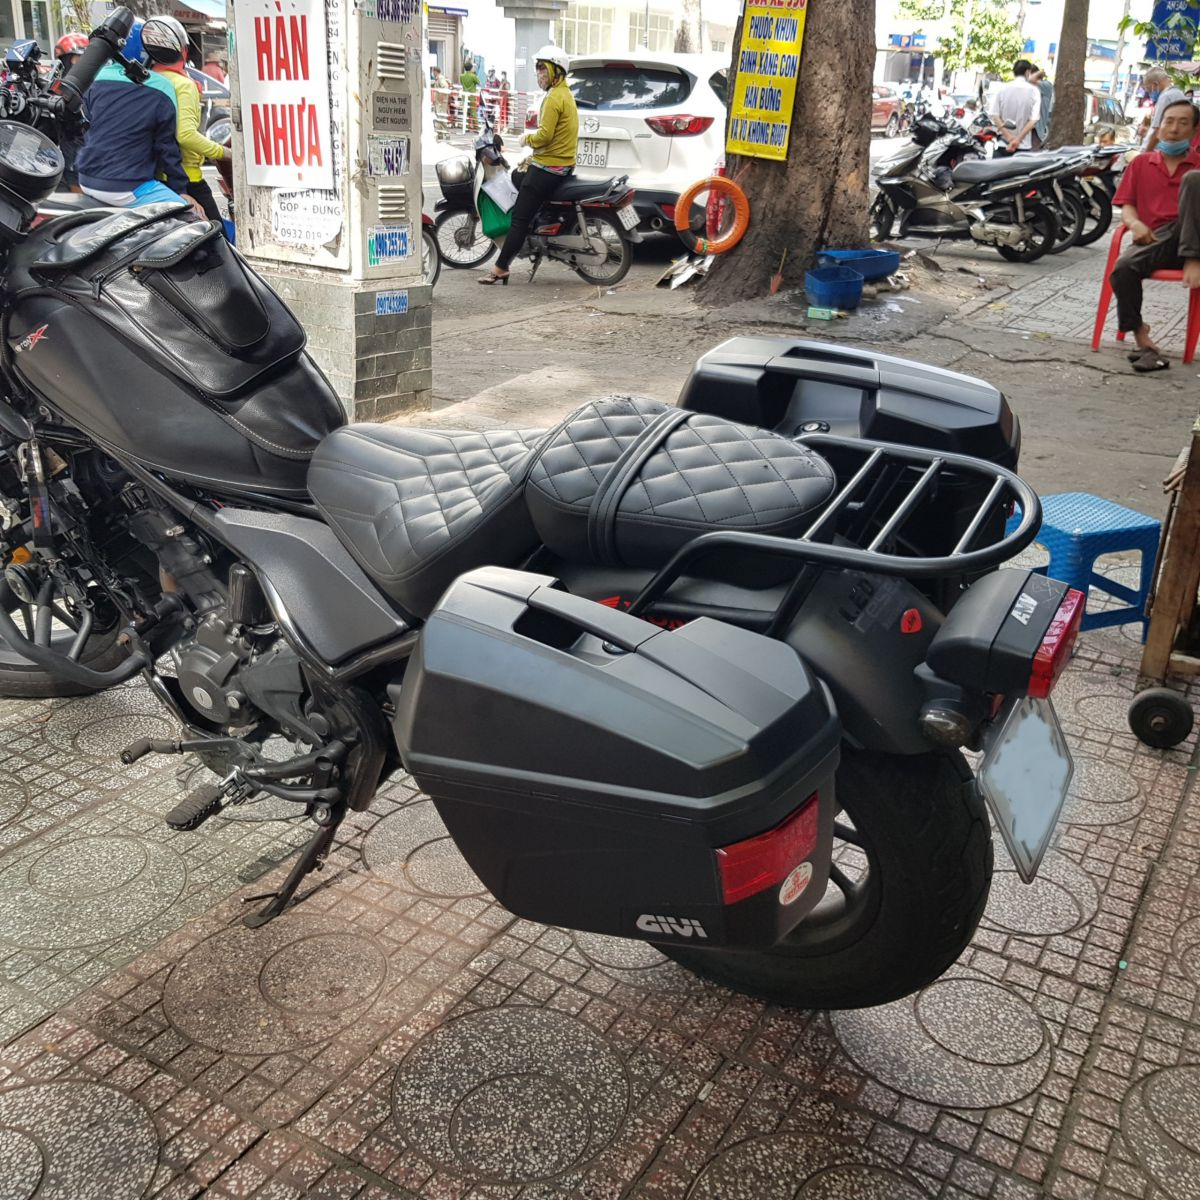 Thung-hong-givi-e22n-xe-honda-rebell-300-17